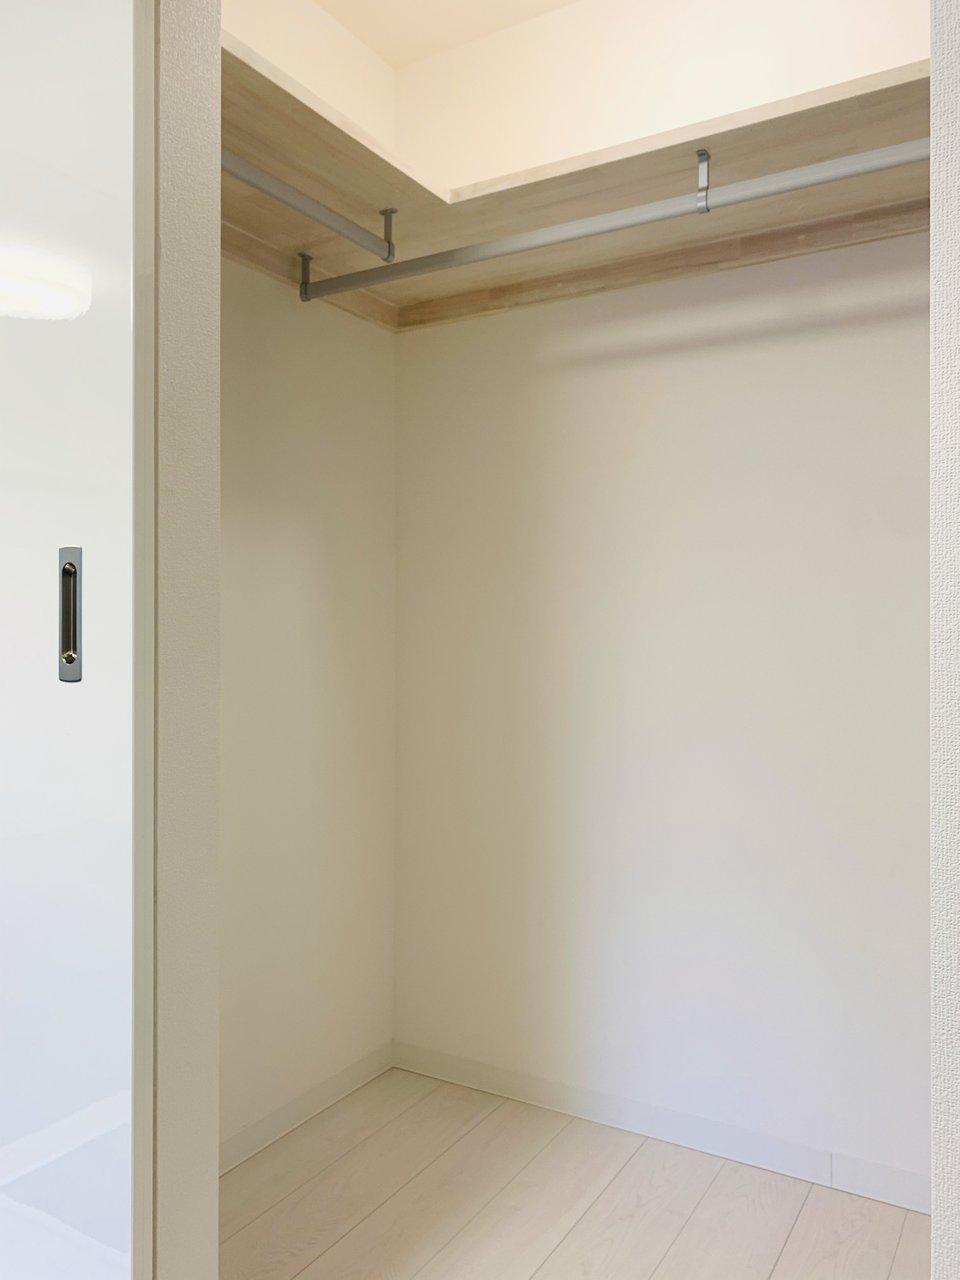 小上がりである畳の部分には、ウォークインクローゼットがあって、収納場所にも困りません。